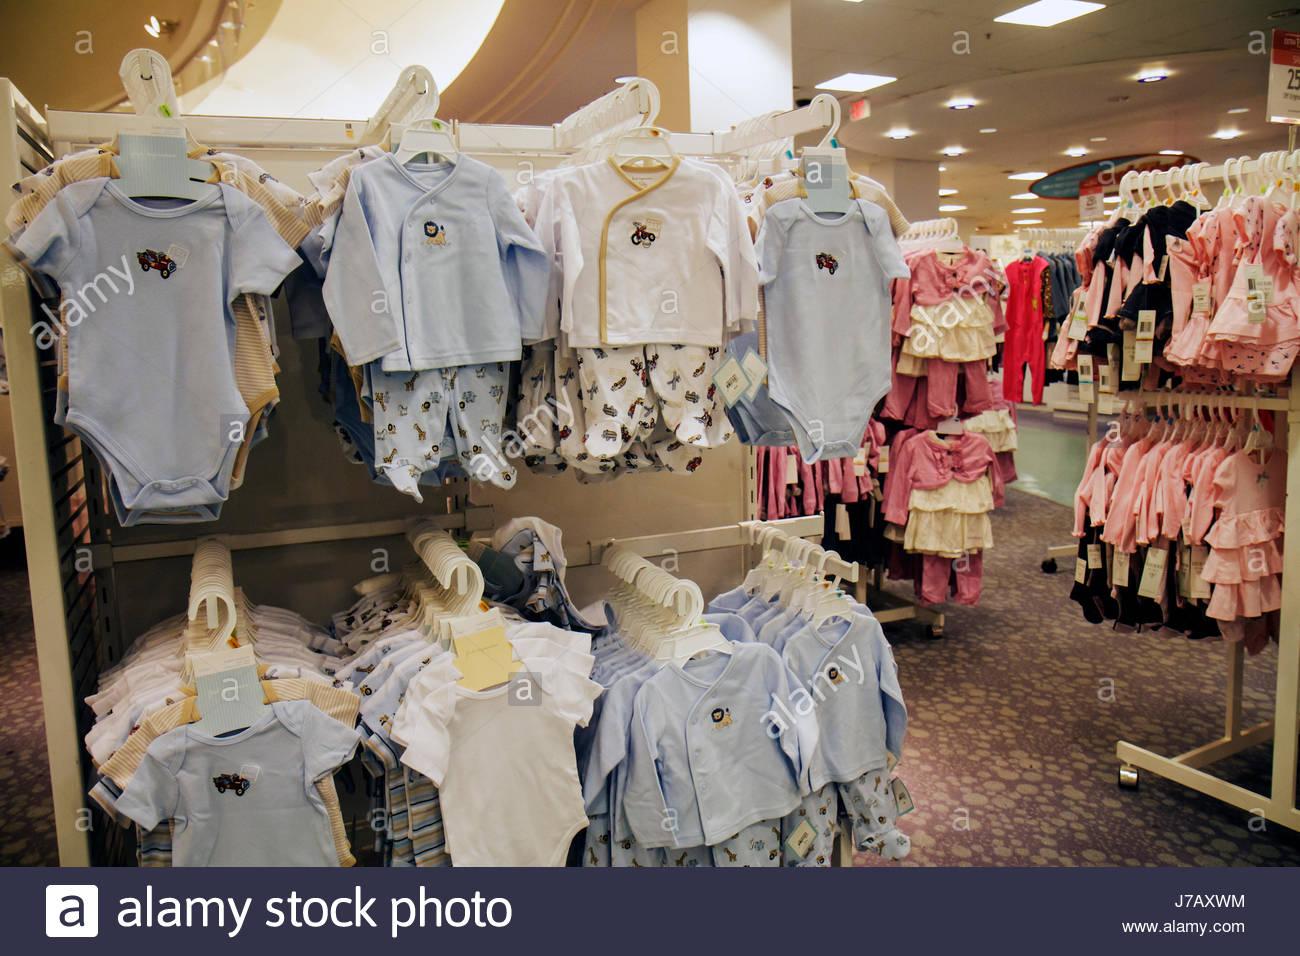 a0925182c Florida Miami Dadeland Mall Shopping expositor para la venta de los grandes  almacenes Macy s ropa de bebé ropa